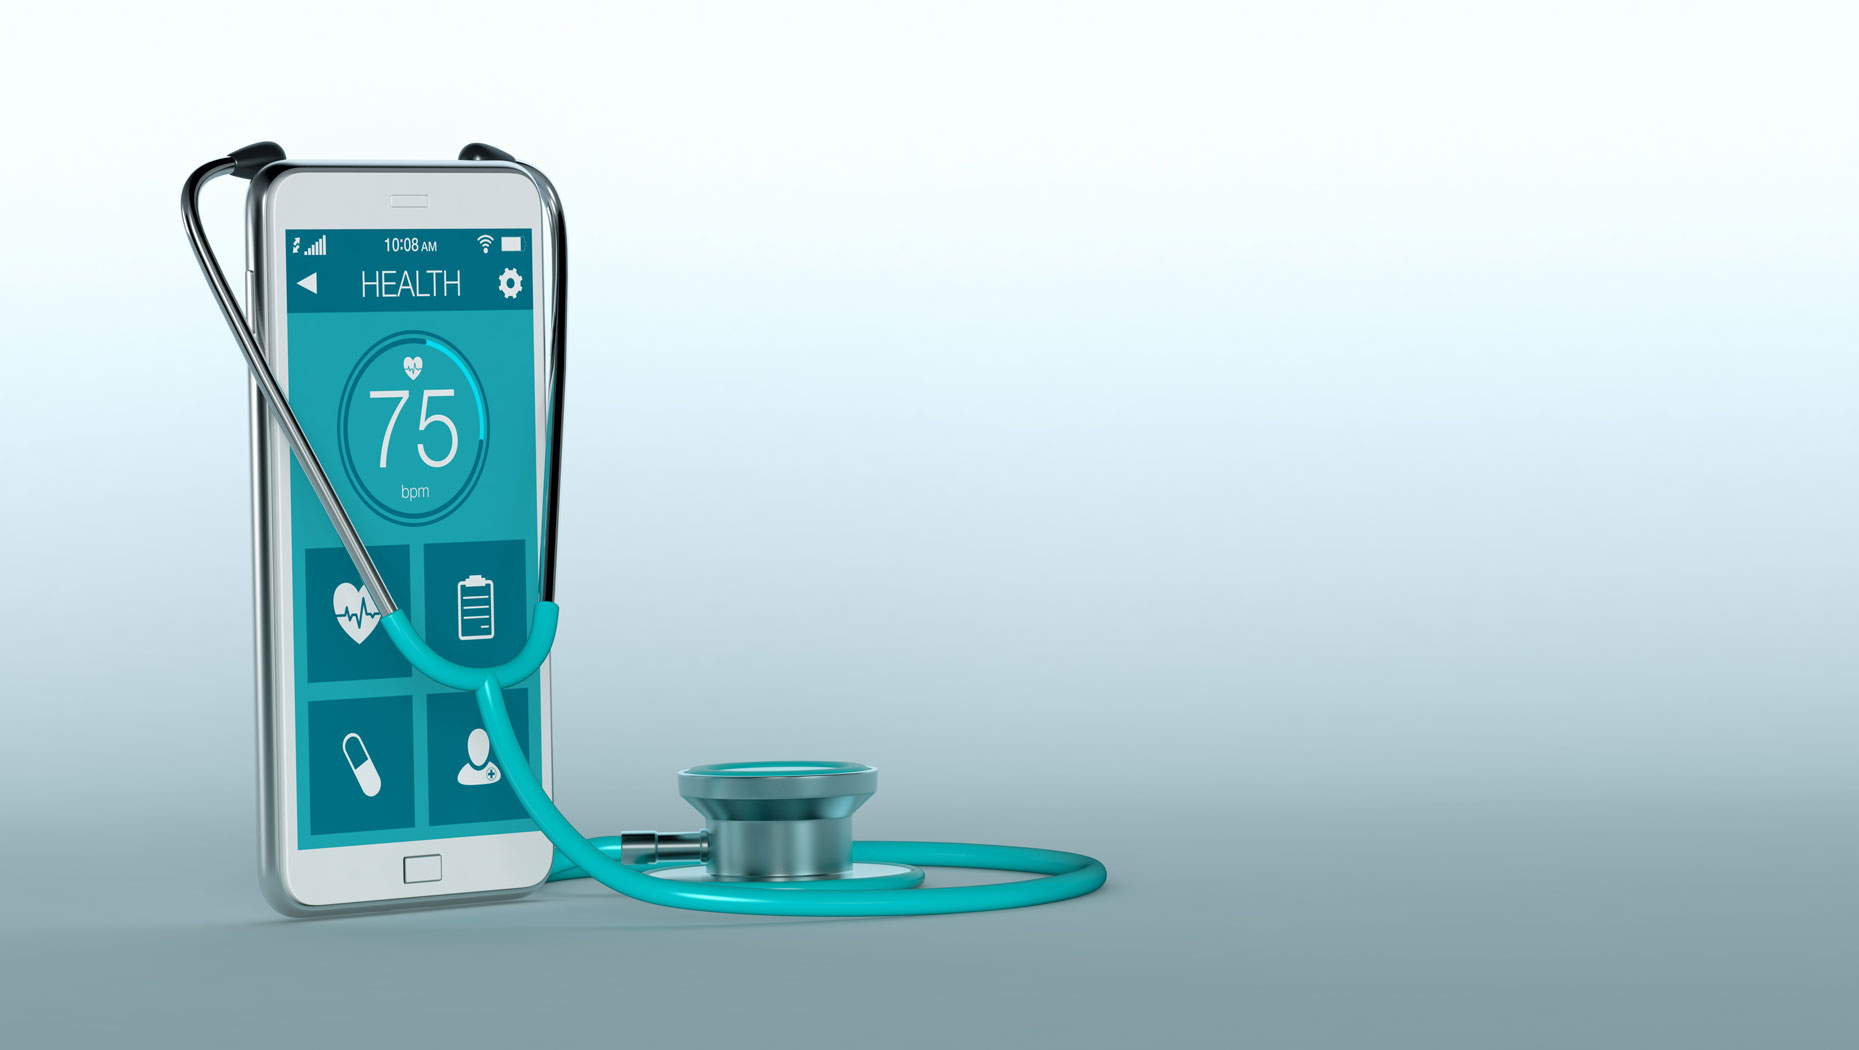 Aplikacje, które leczą | Zdrowa kontrola - Polityka.pl